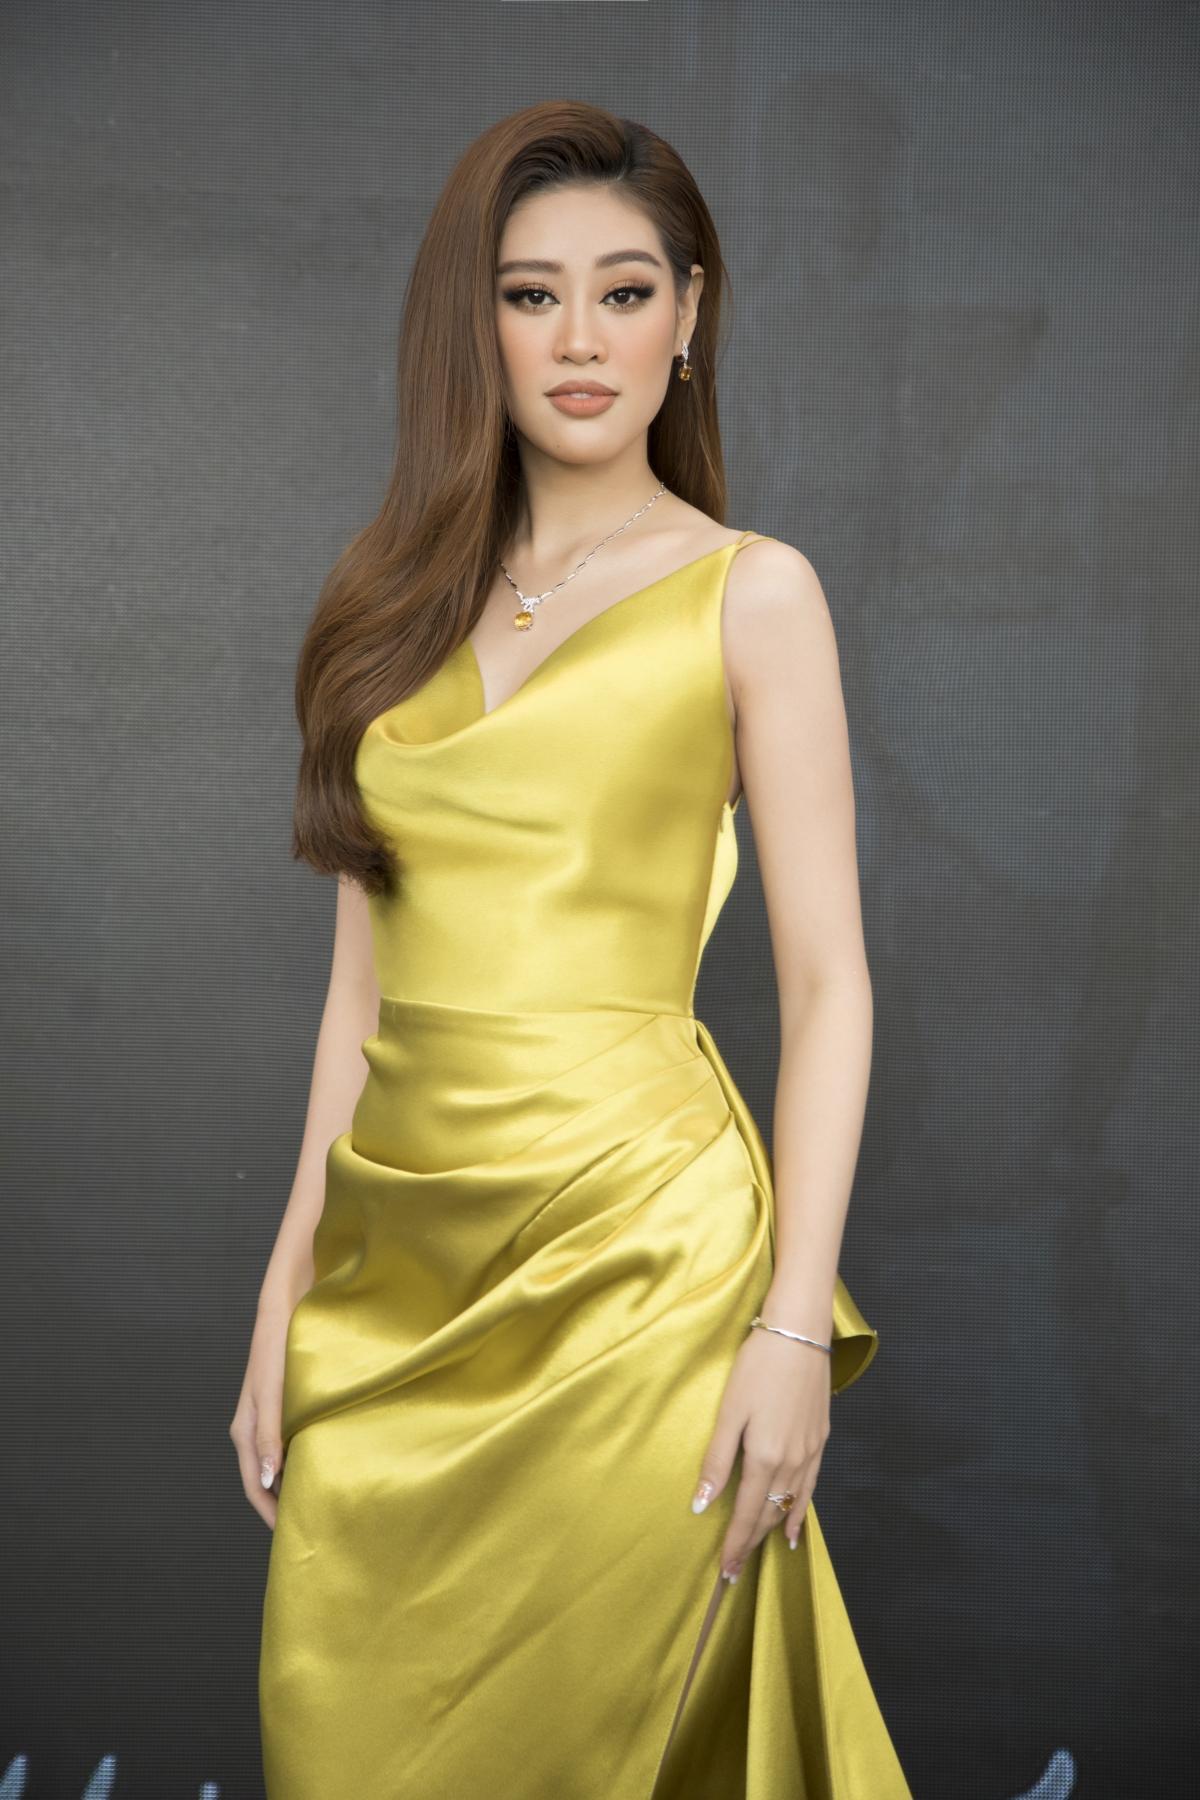 Hoa hậu Khánh Vân xinh đẹp nổi bật với đầm vàng gợi cảm đi dự sự kiện Ảnh 6